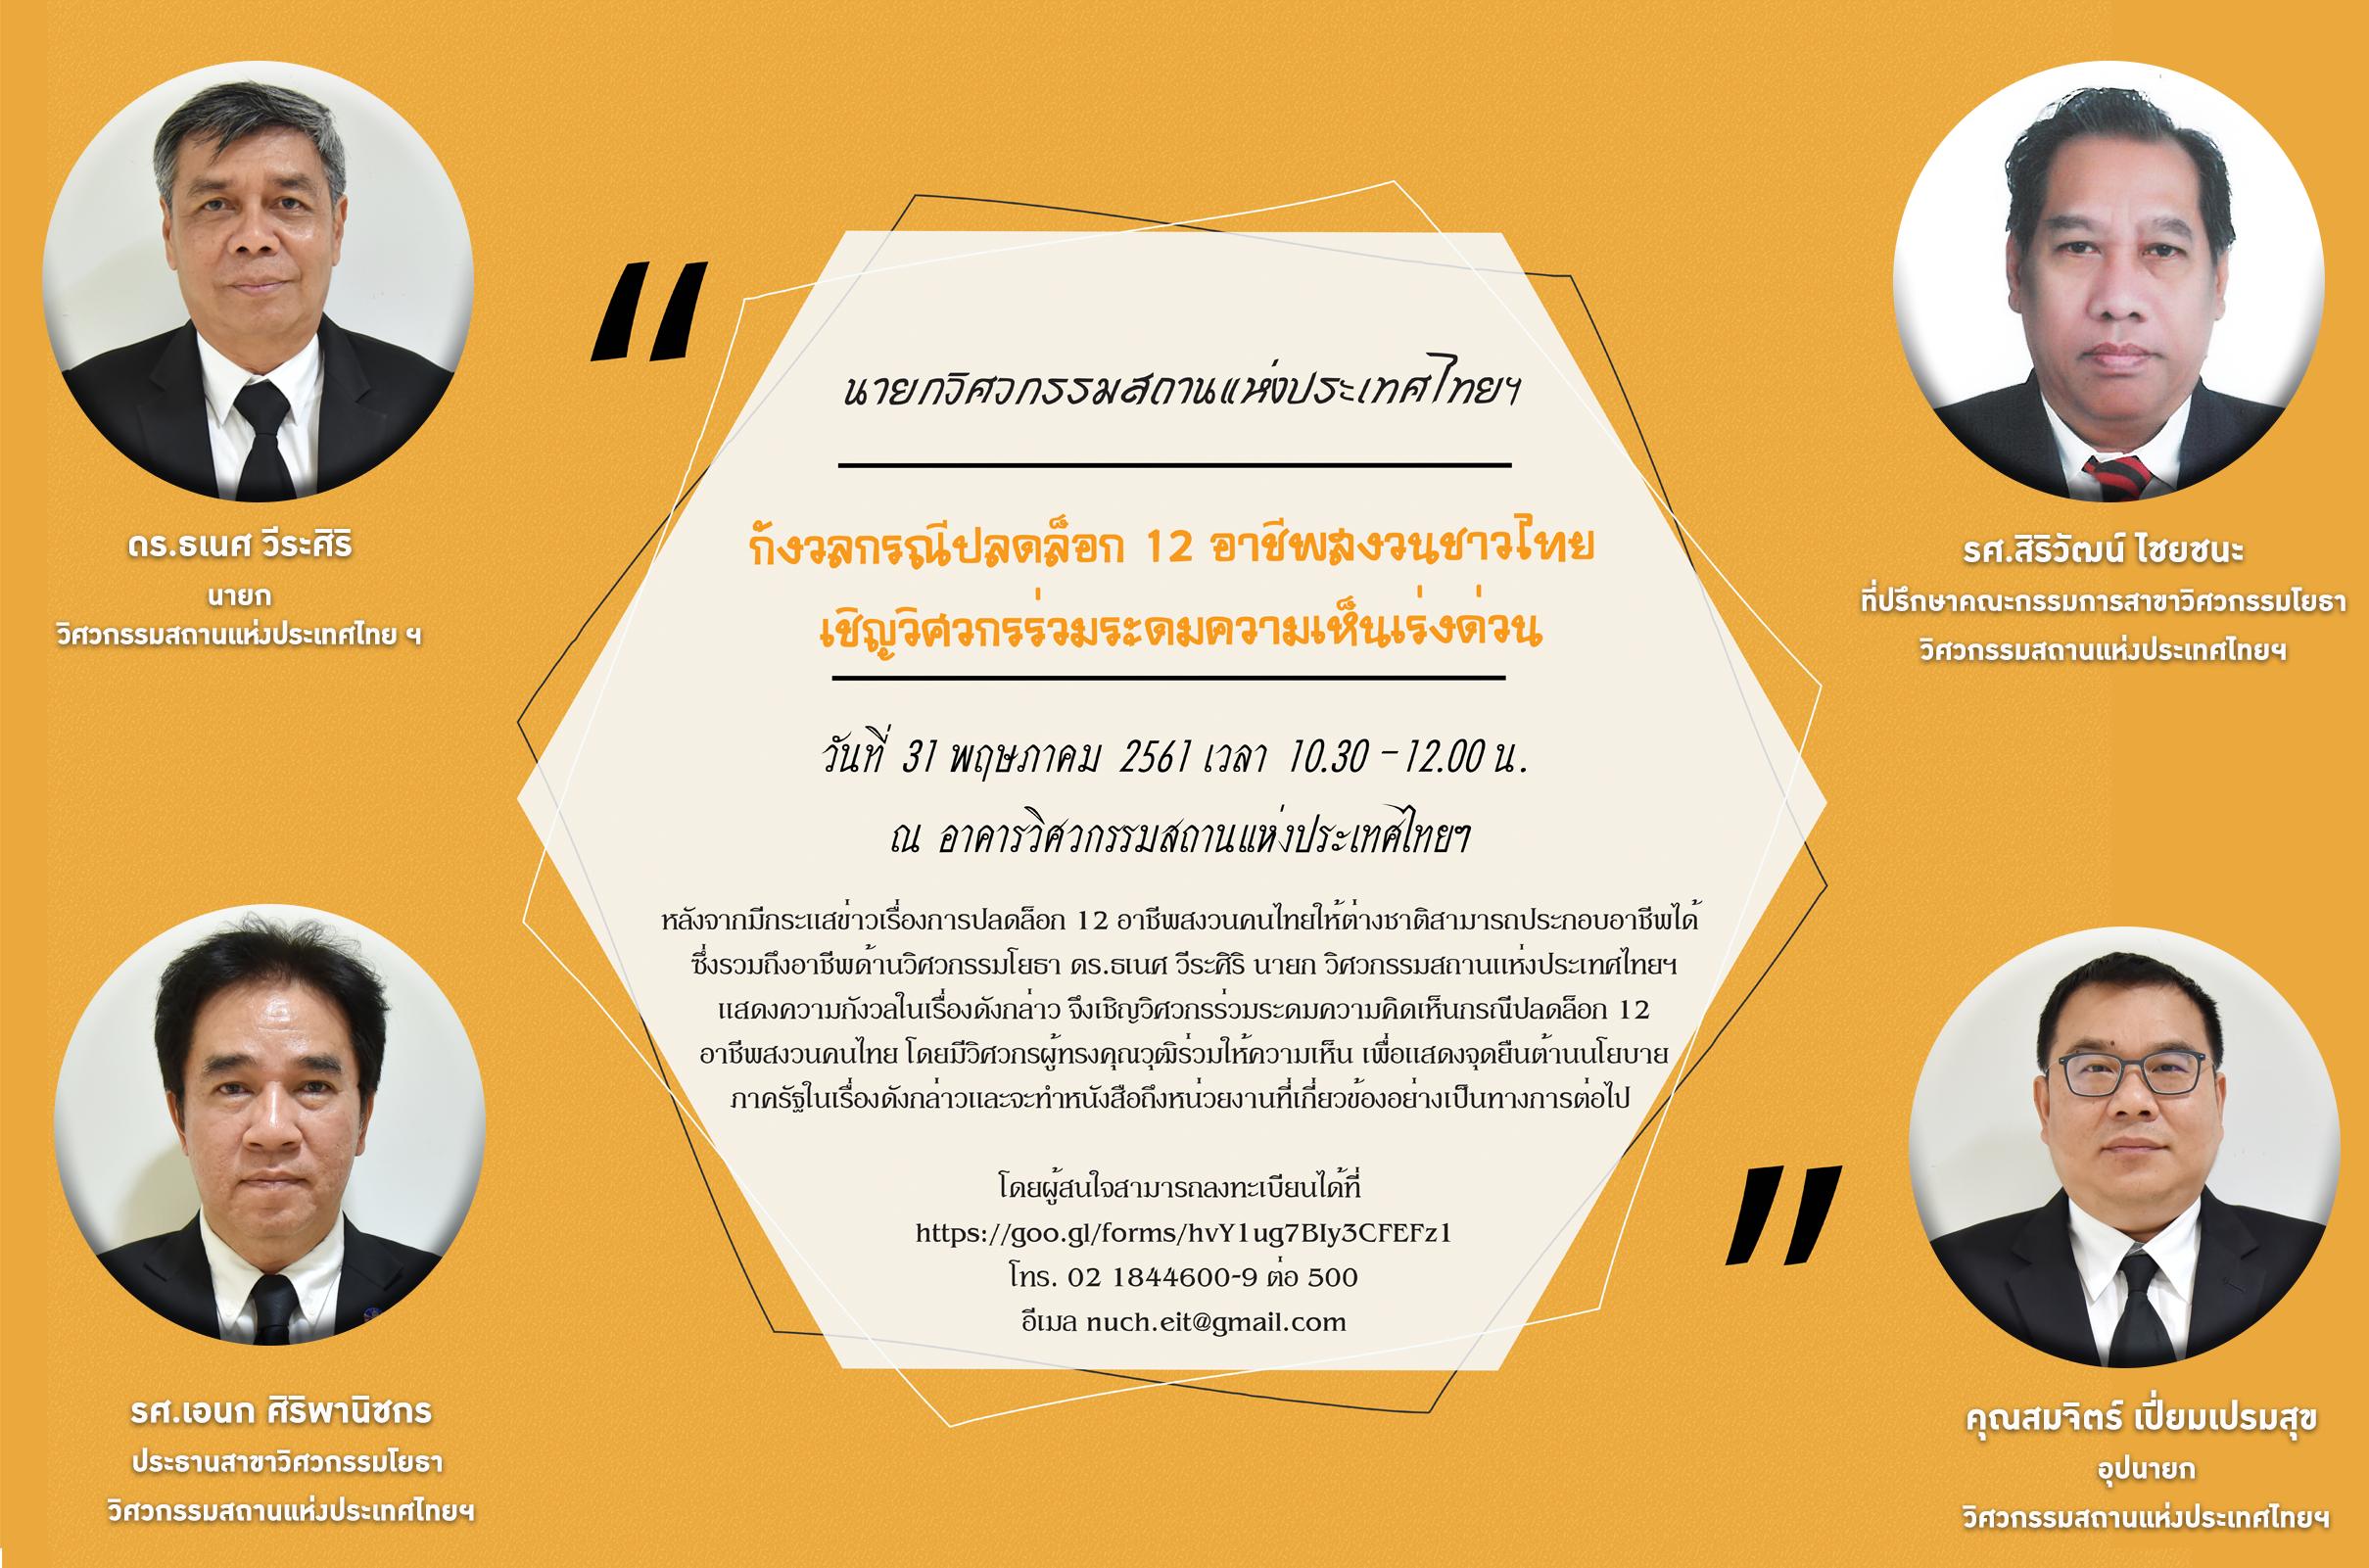 นายกวิศวกรรมสถานแห่งประเทศไทยฯ กังวลกรณีปลดล็อก 12 อาชีพสงวนชาวไทย เชิญวิศวกรร่วมระดมความเห็นเร่งด่วน